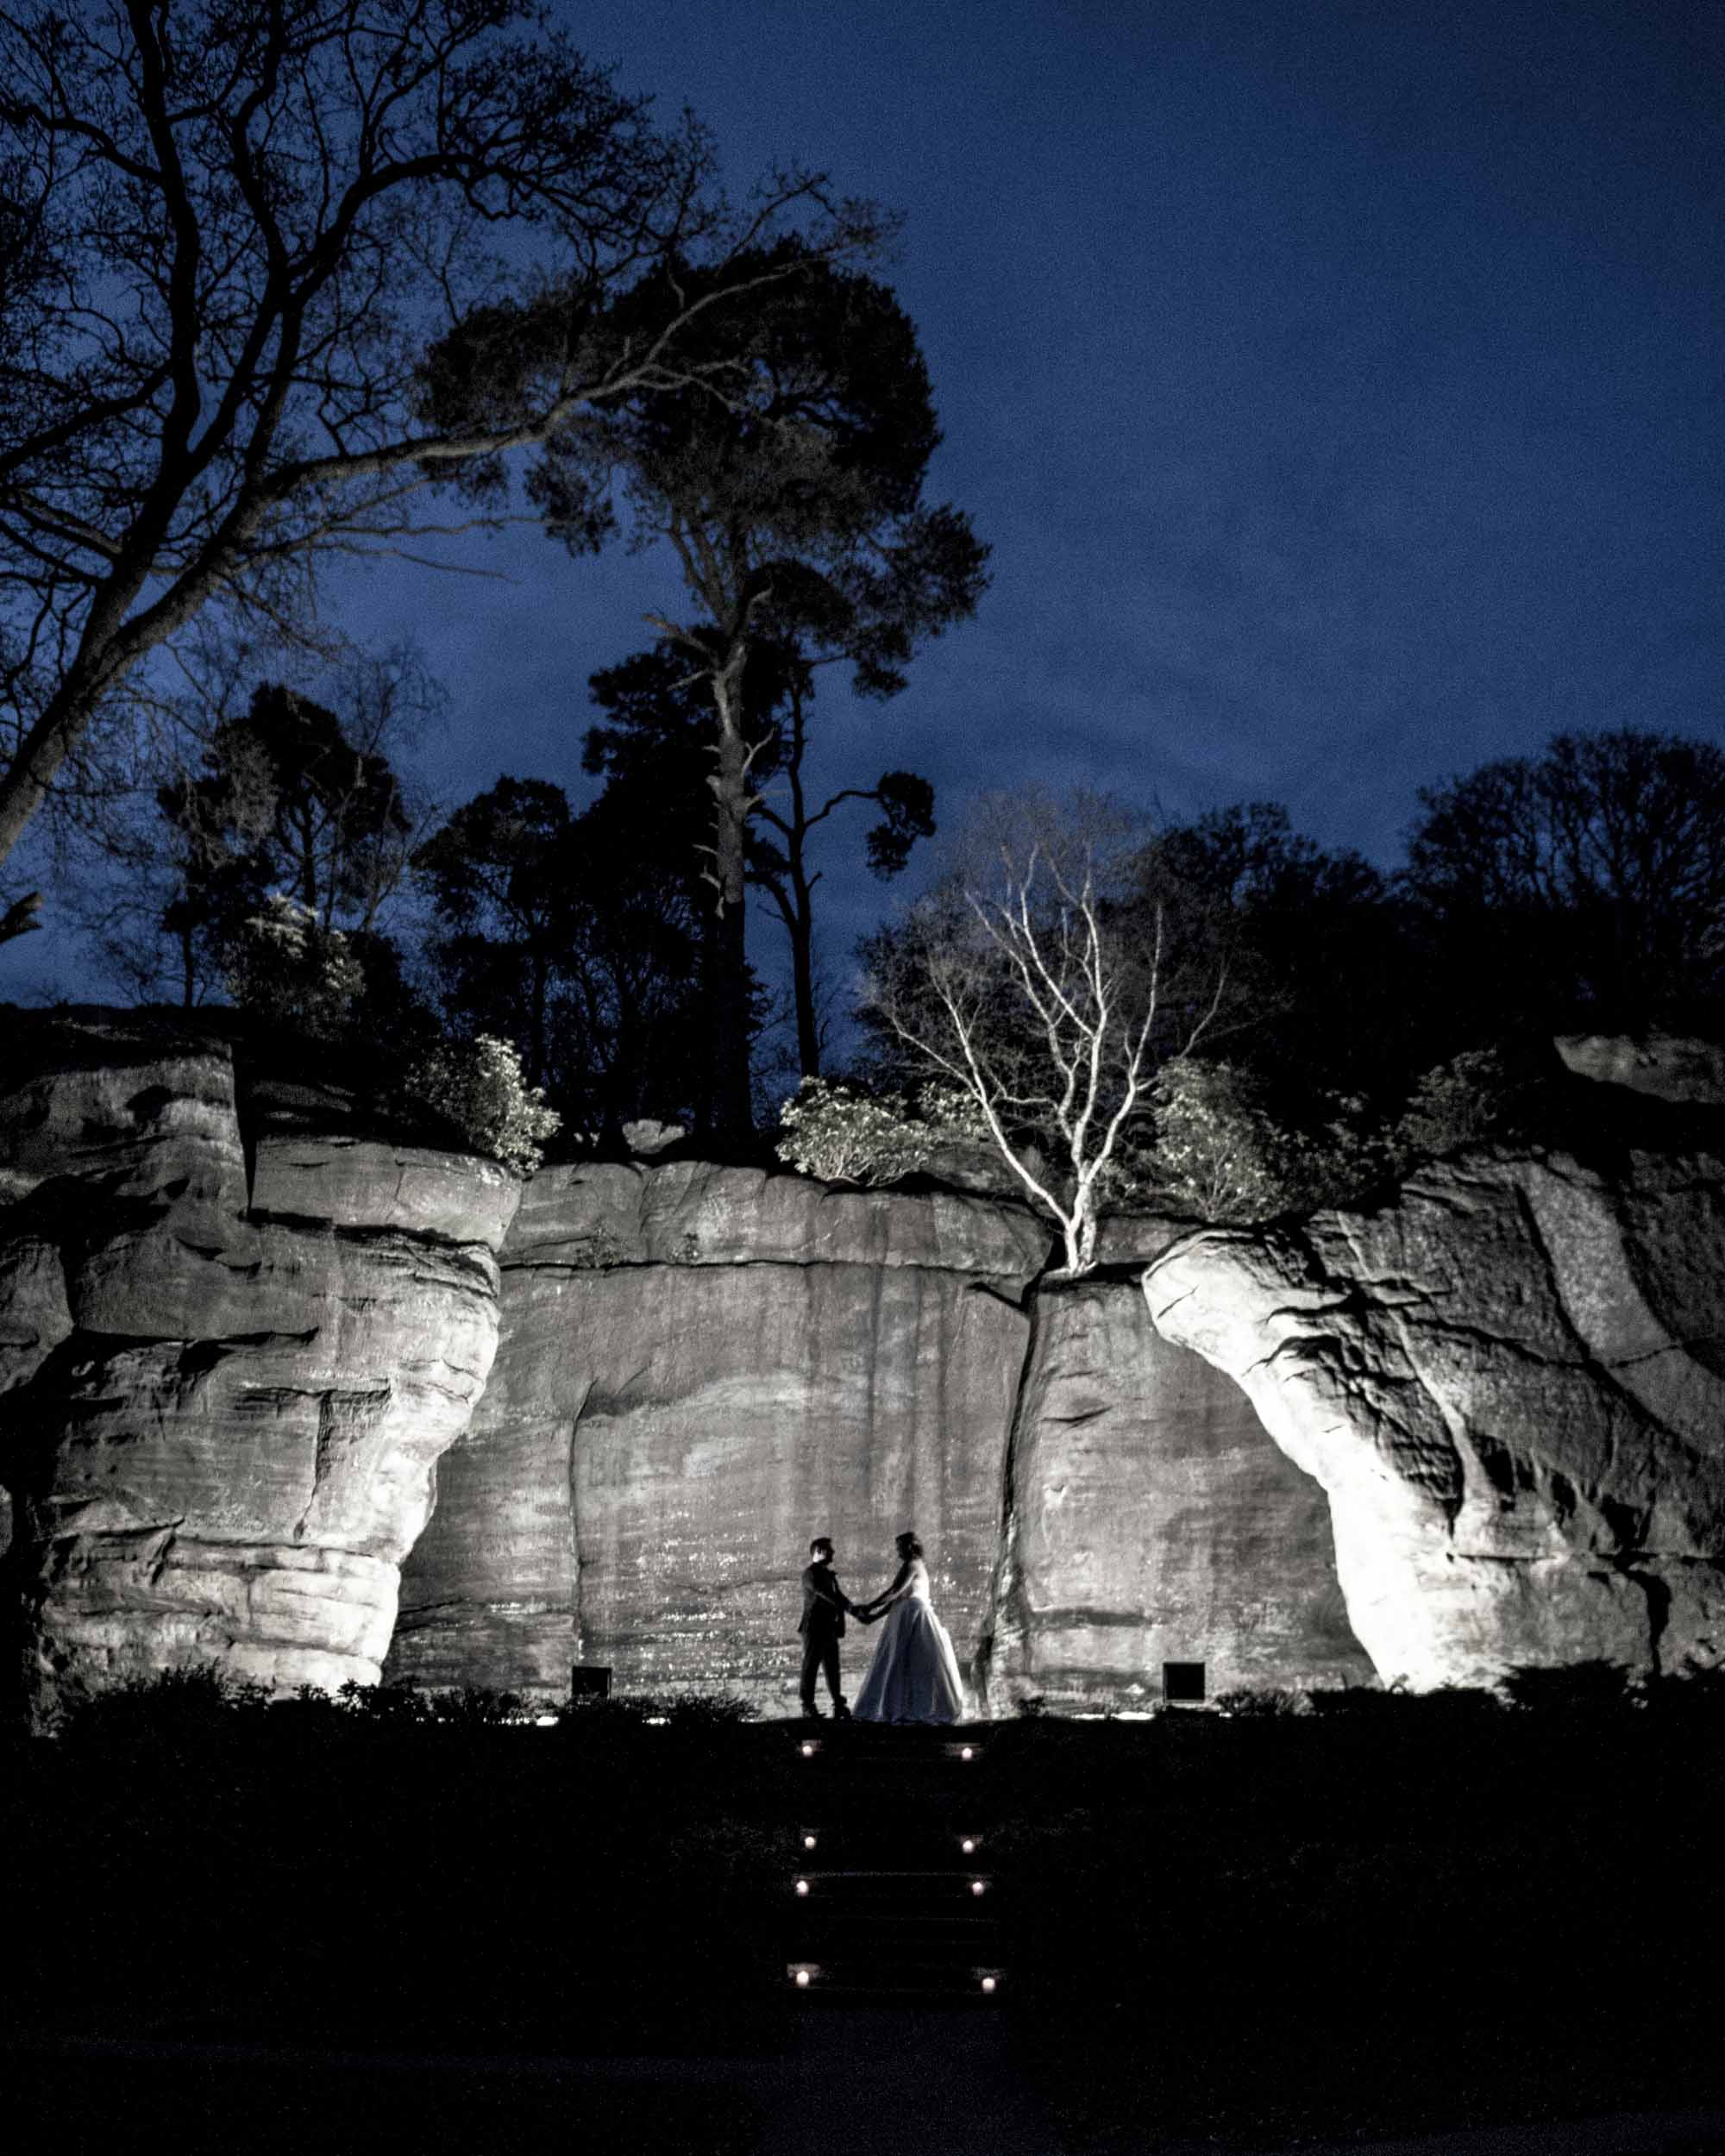 Highrocks1stmay'16_2009_edited-1